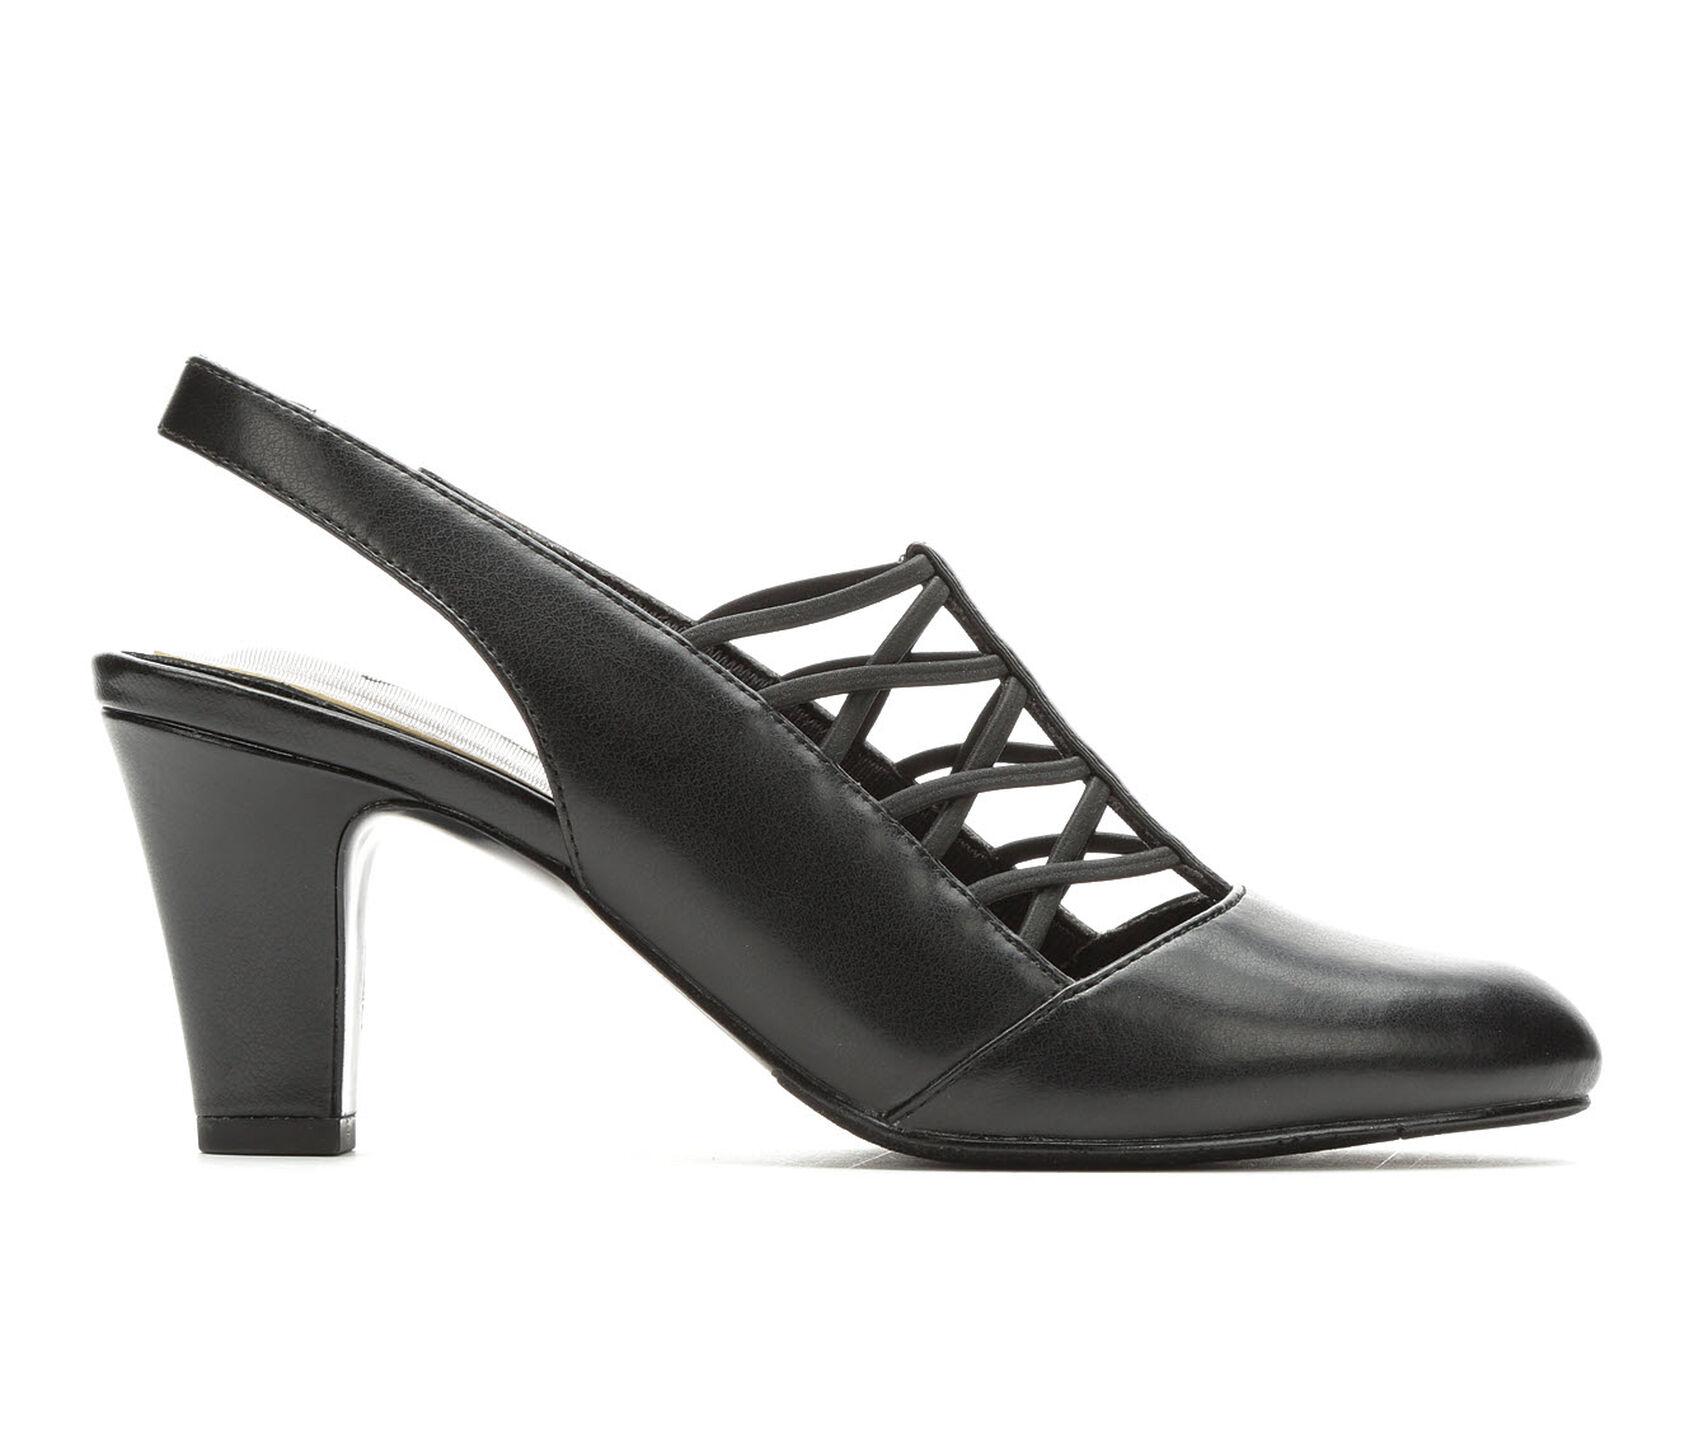 b1303948fa2 Women's Easy Street Berry Heels